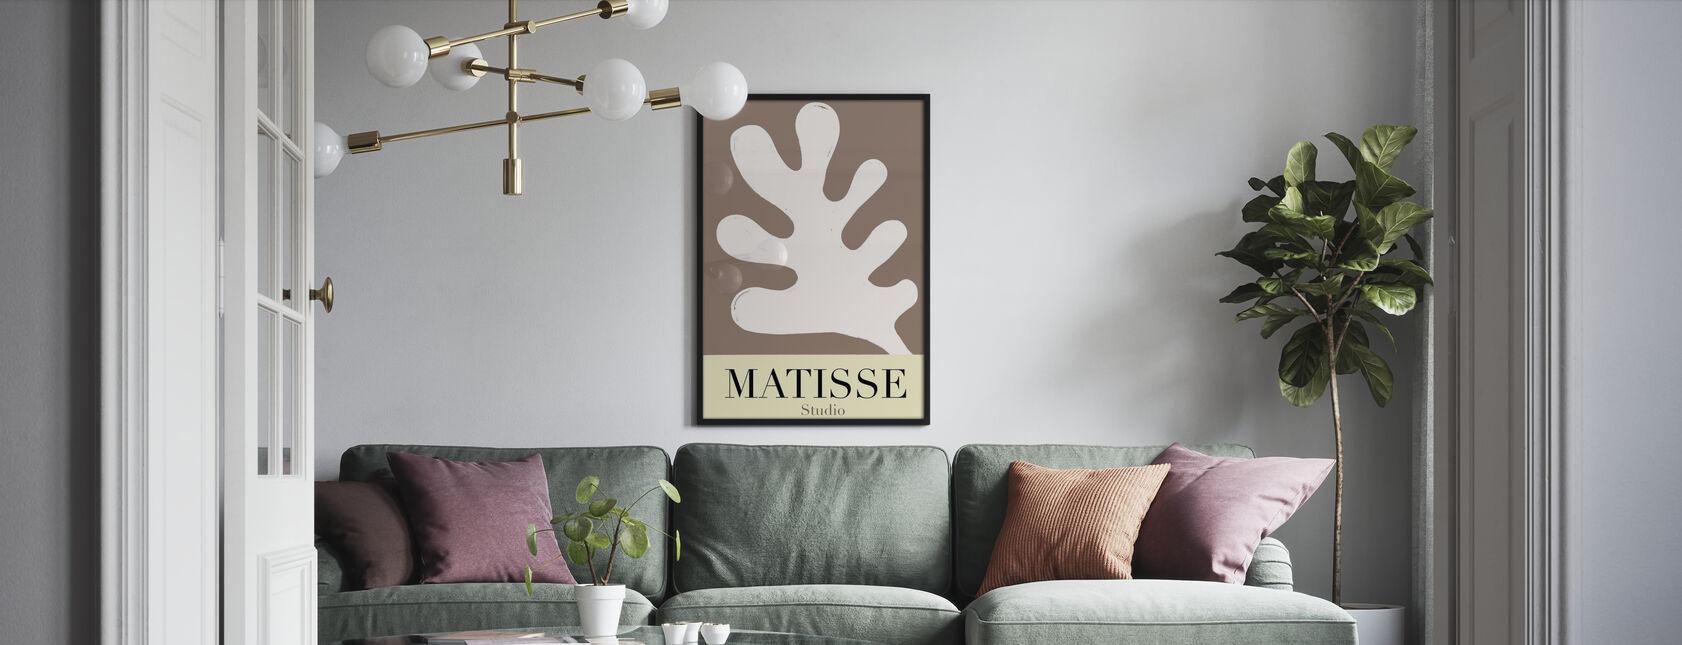 Matisse Studio II - Plakat - Stue